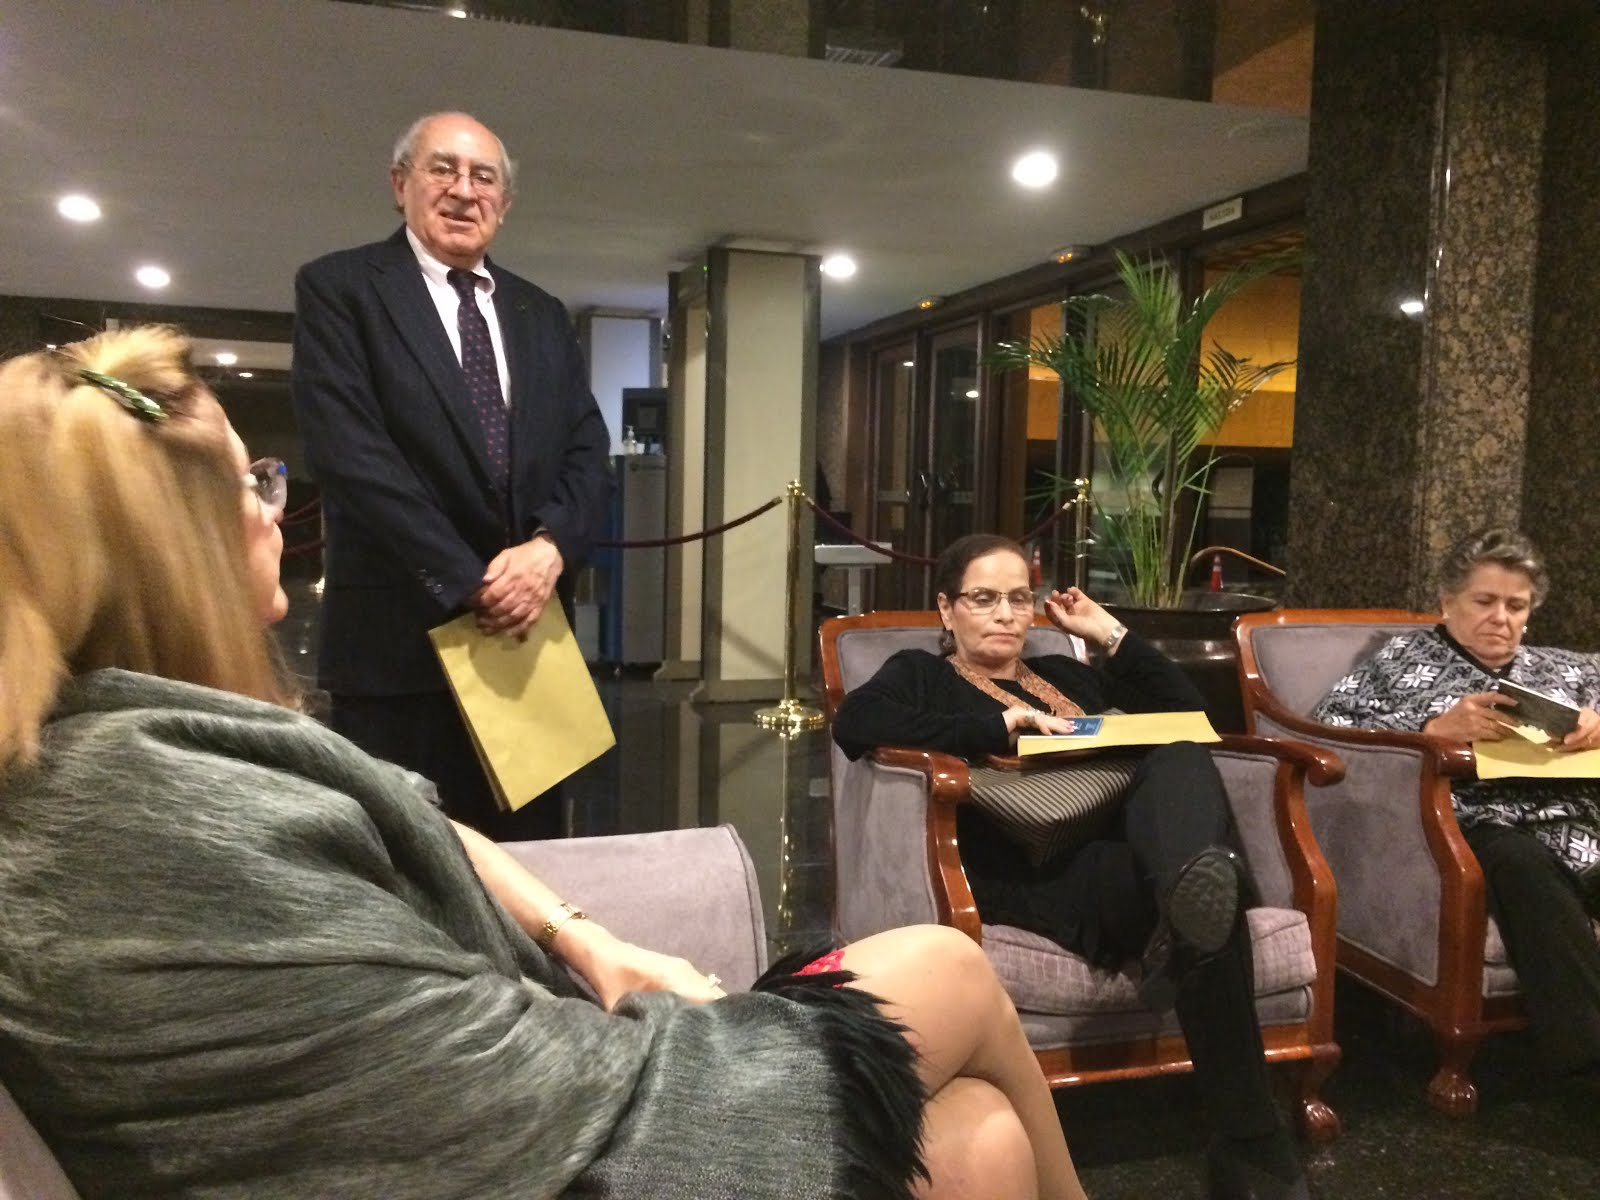 Con Marcia Stacey, Giselle Fernandez y Luis ALvaro gallo